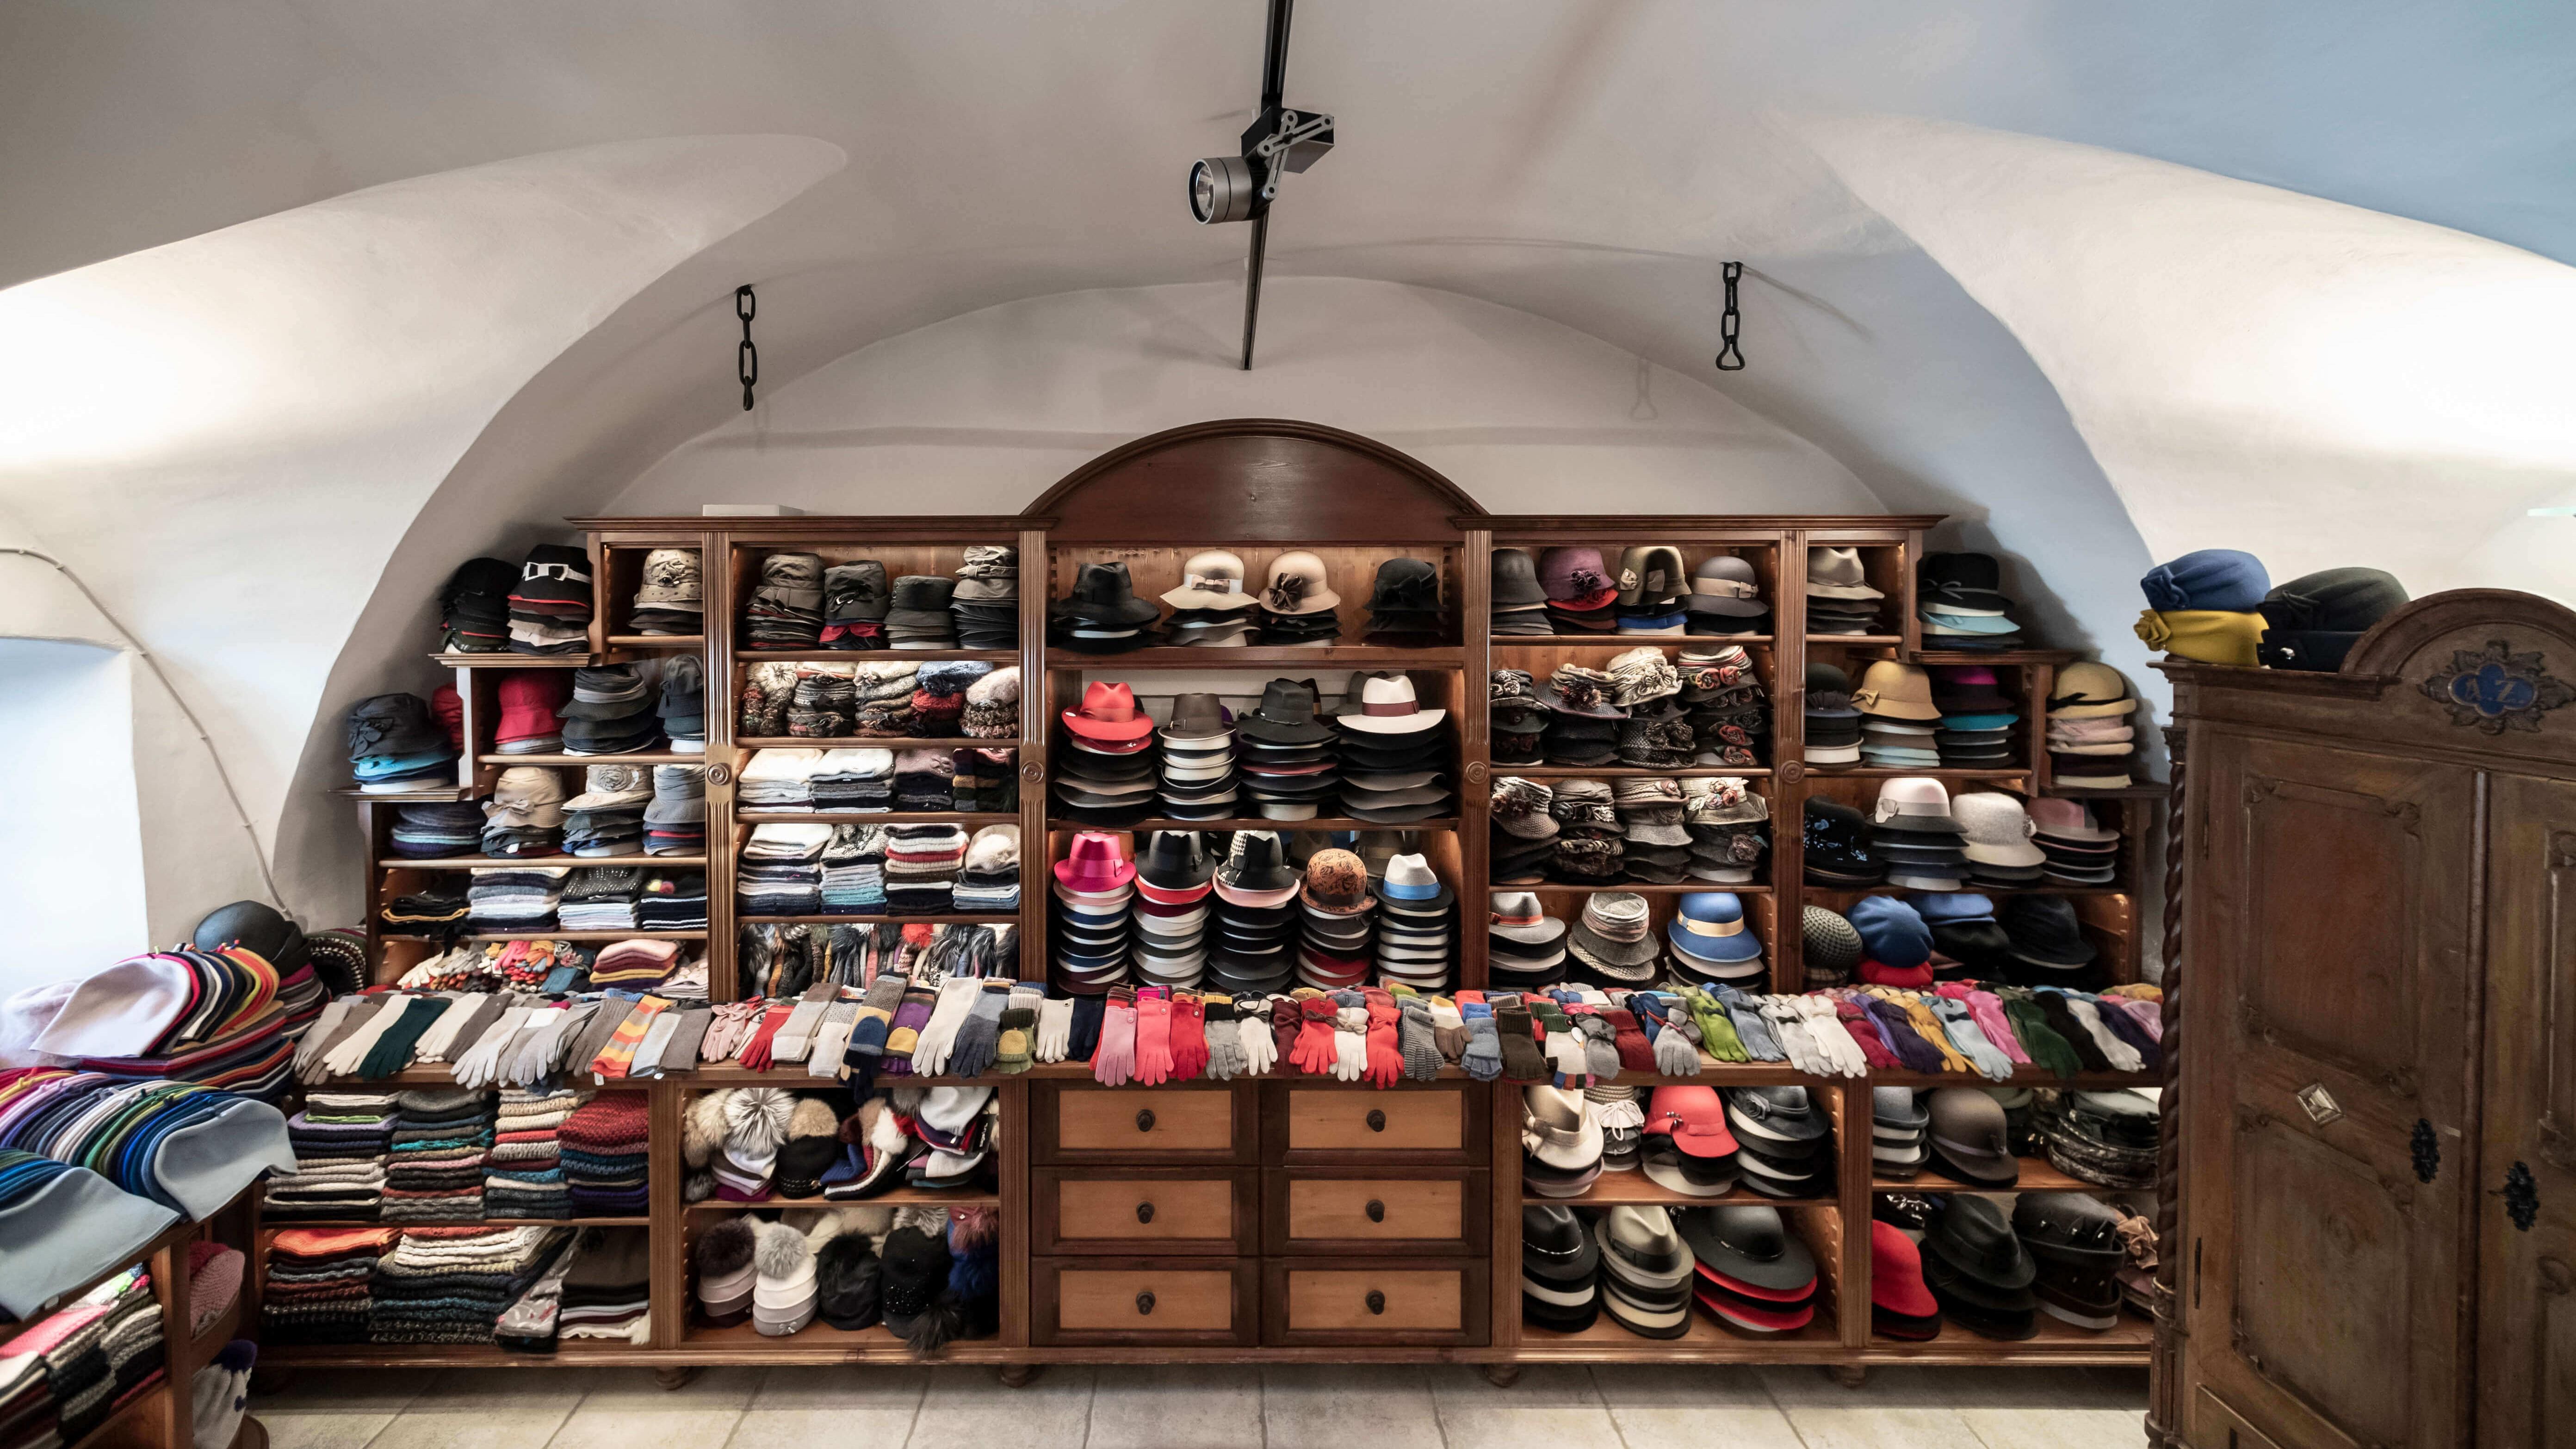 Im Hutmachergeschäft Zacher gibt es eine bunte Auswahl an hochwertigen Hüten, Mützen, Kappen, Schals, Fäustlingen, Handschuhen, Pantoffeln, Modeaccessoires und Accessoires für Ihr Zuhause.